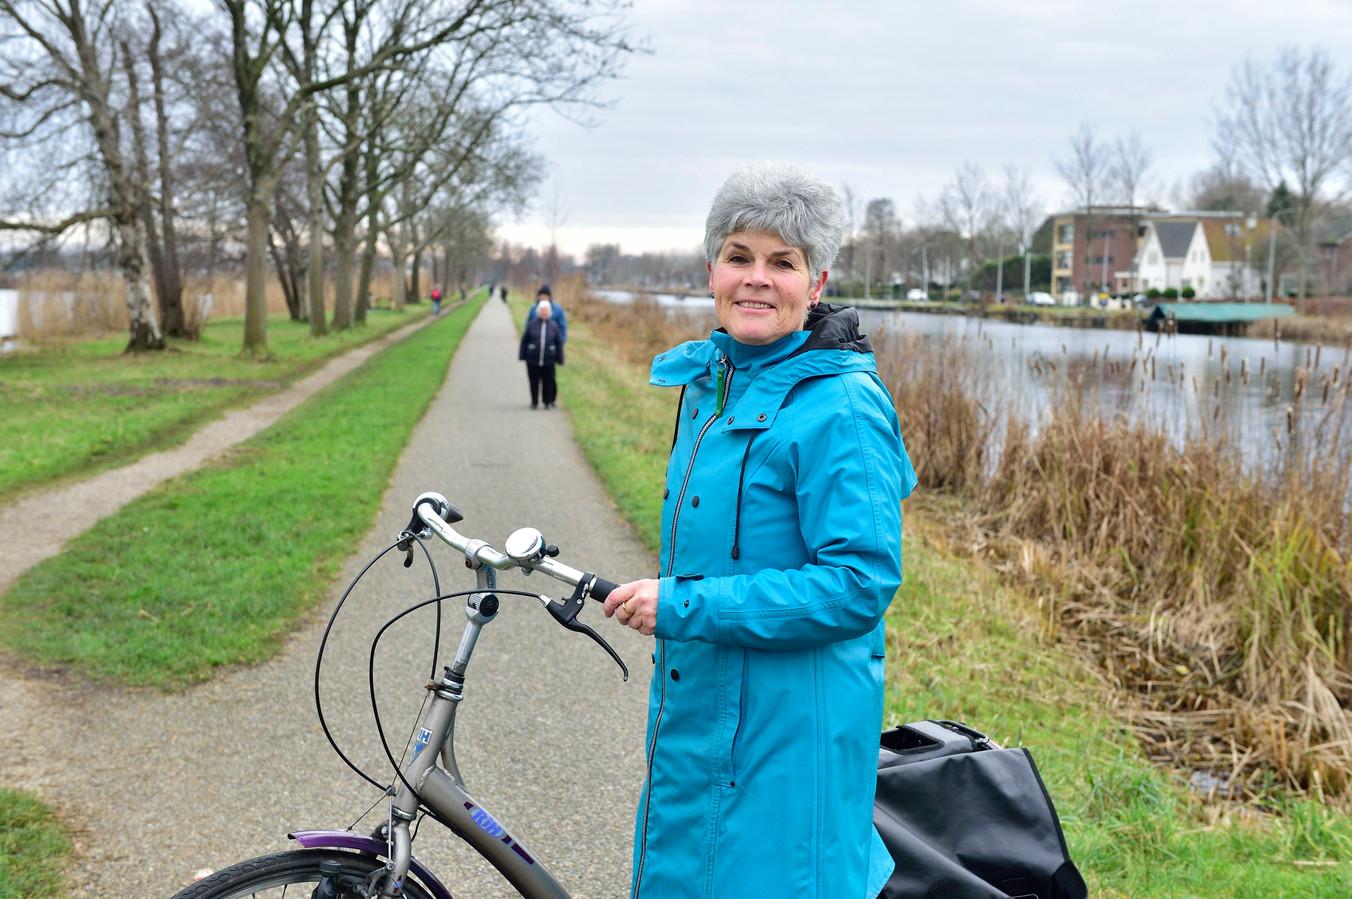 Ada Vermeulen op de Burgemeester Lucasselaan. Ze heeft de provincie Zuid-Holland voorgesteld om fietspaden te verbreden, vaker te strooien en beter te verlichten. Dit naar aanleiding van de oproep om met ideeën te komen voor 'slimmer te reizen'.